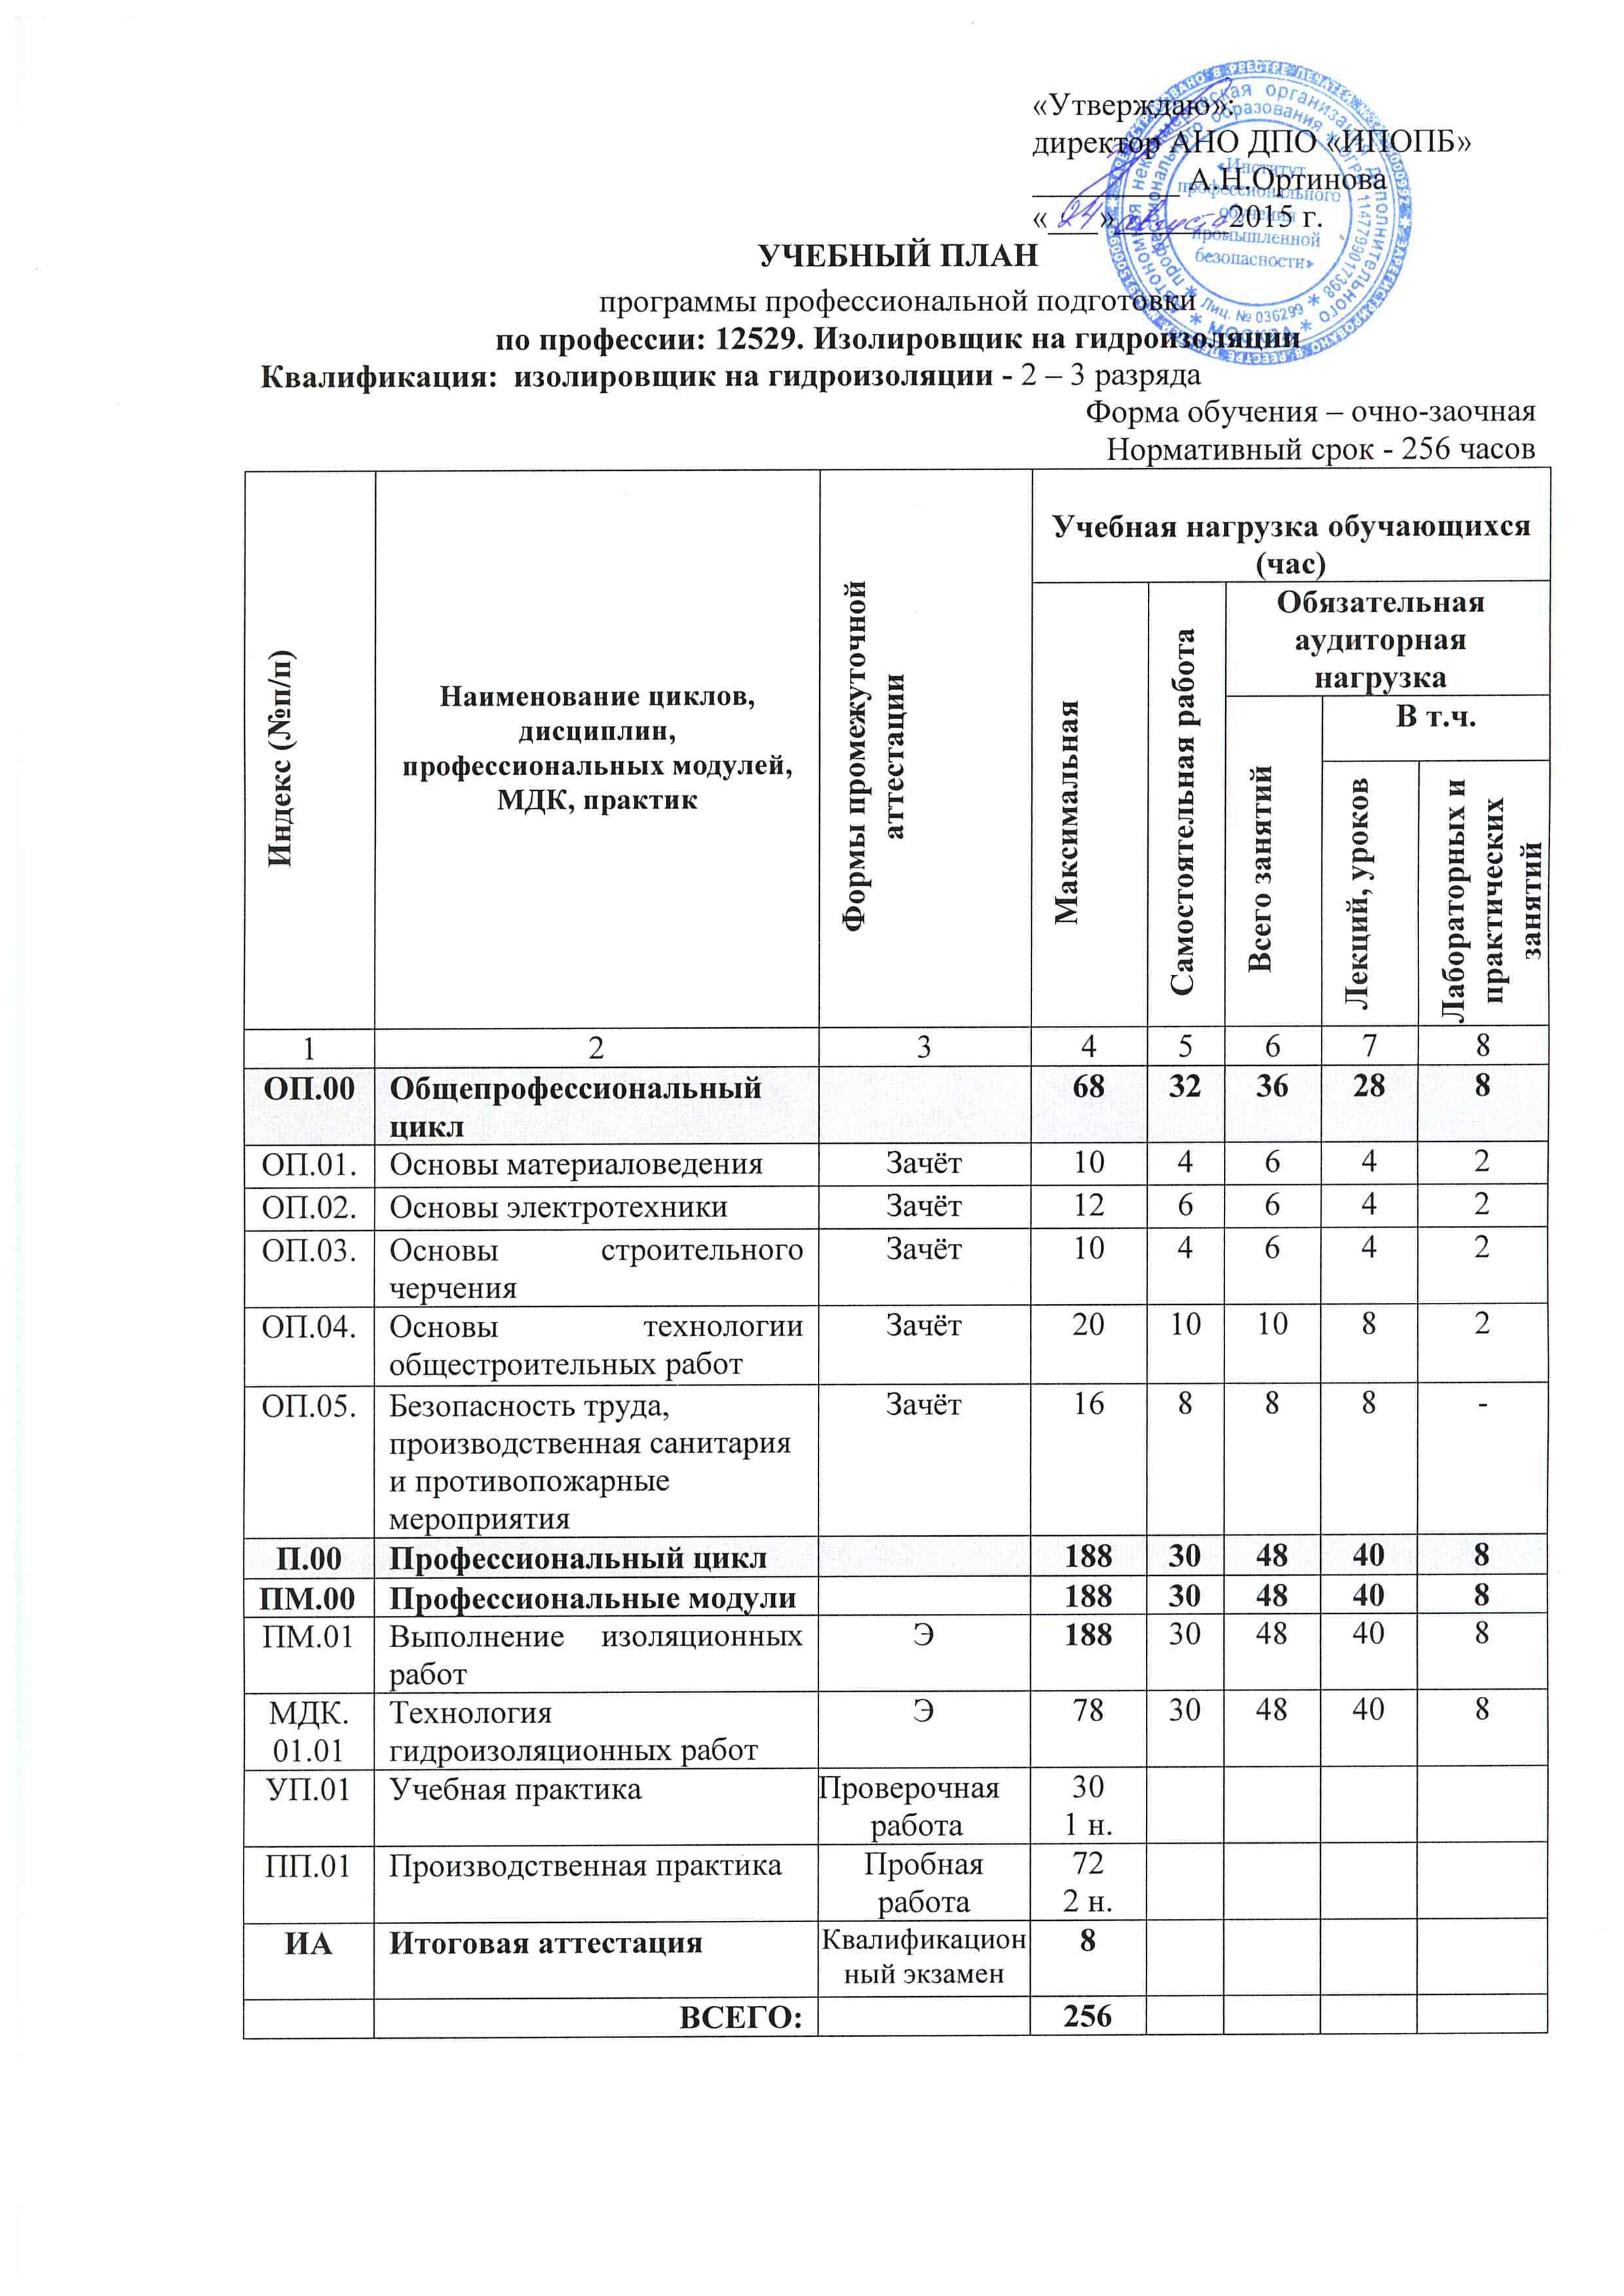 Должностная инструкция изолировщика на термоизоляцию 4 разряда